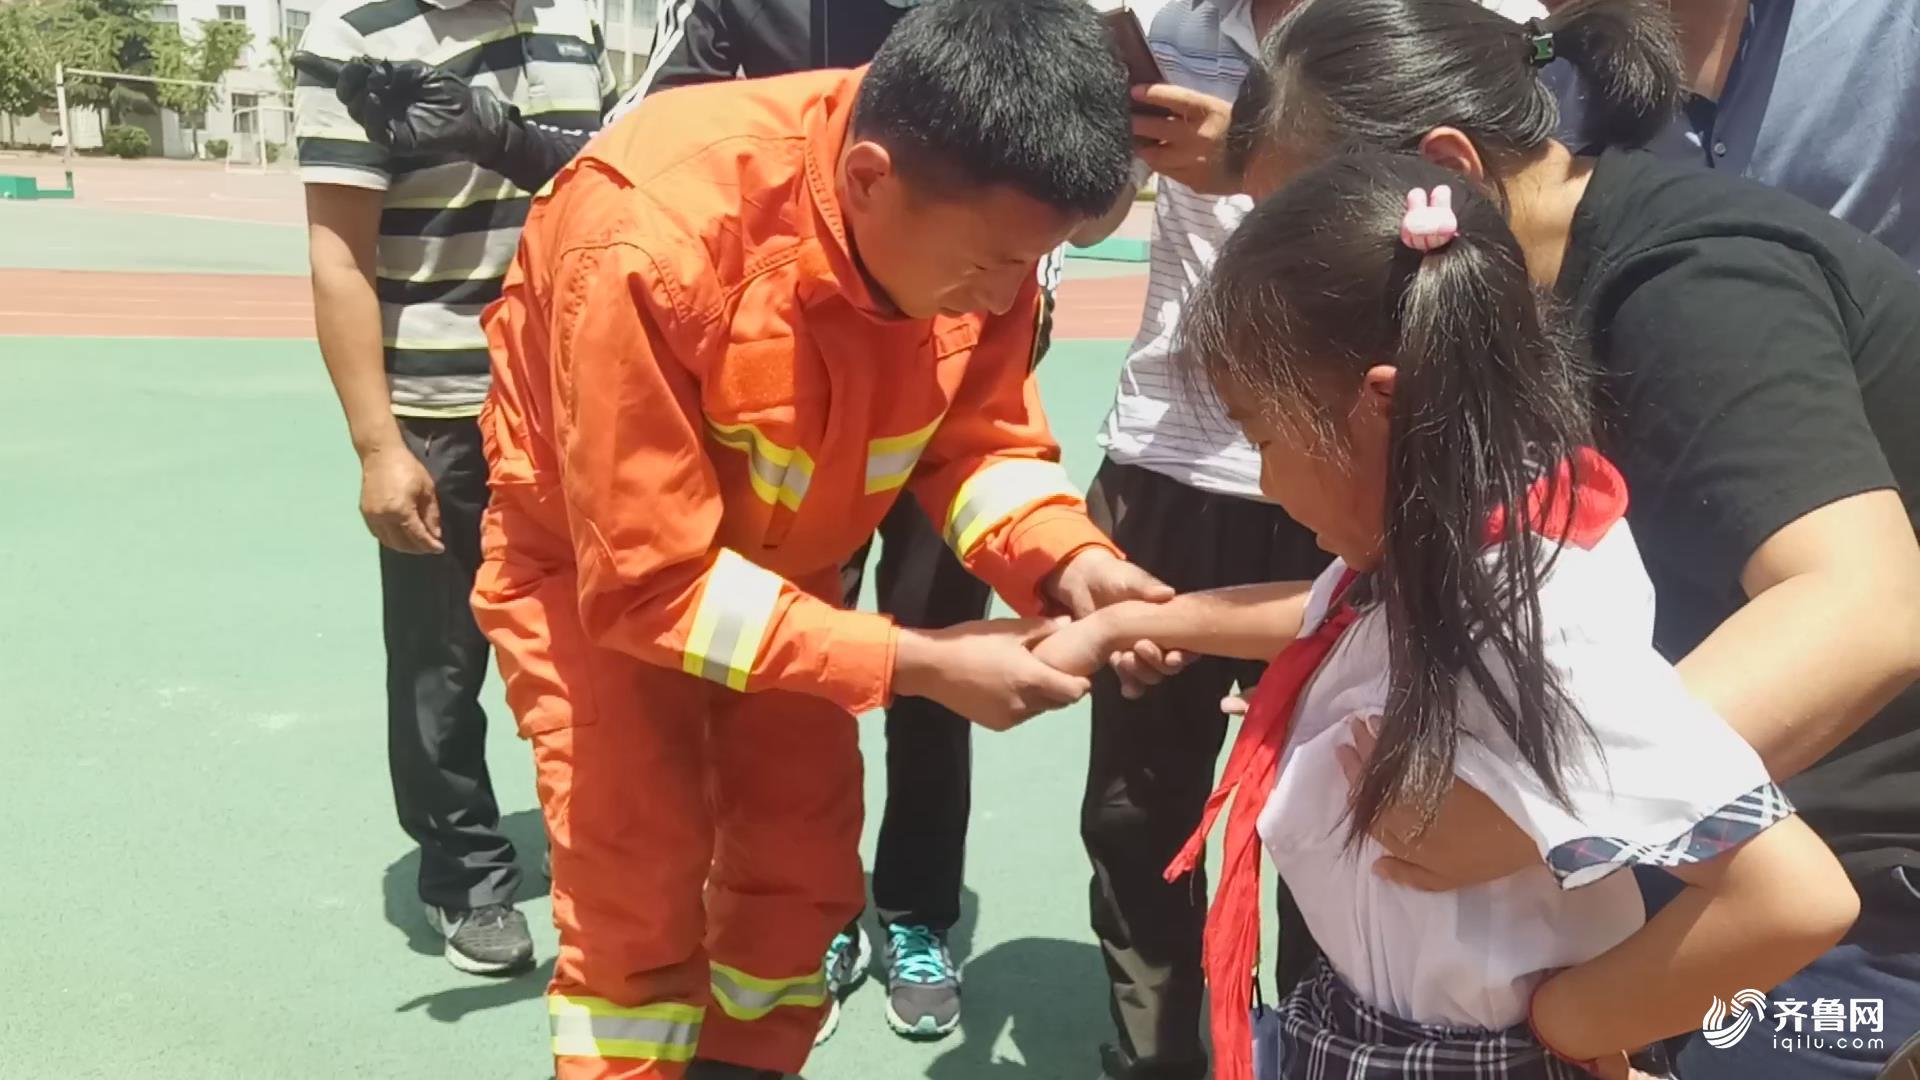 威海人员体育课手探下水道被卡消防女孩剪断八一赛艇队主教练图片